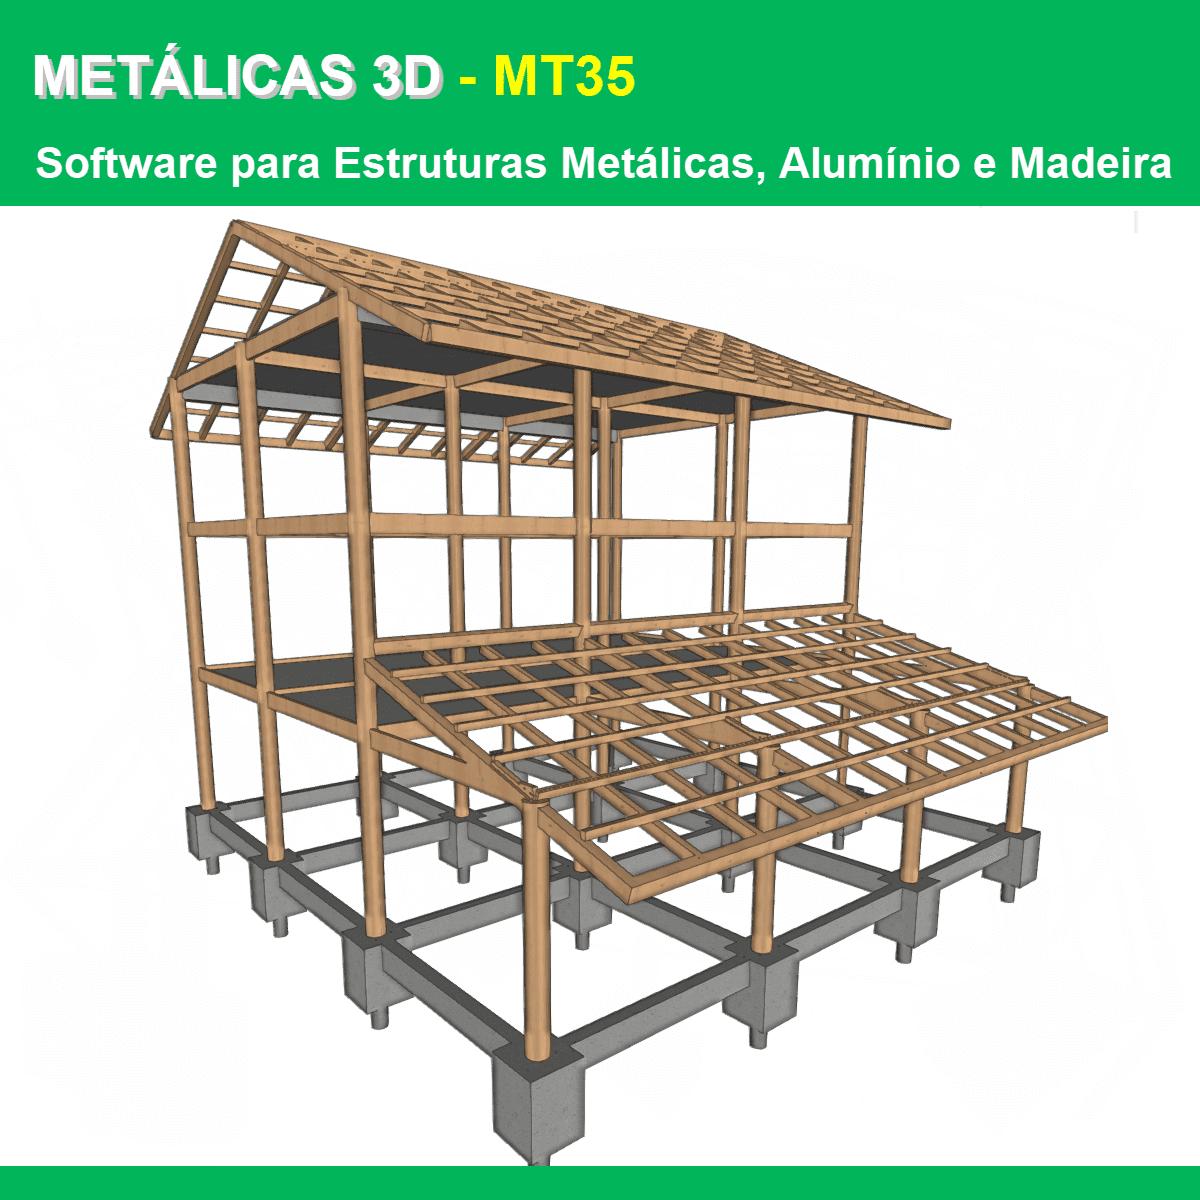 Software Metálicas 3D MT35 versão 2022 (Licença Eletrônica) incluindo Núcleo Básico, Sapatas, Blocos sobre Estacas, Placas de Base, Resistência ao Fogo e Estruturas de Madeira  - MULTIPLUS SOFTWARES